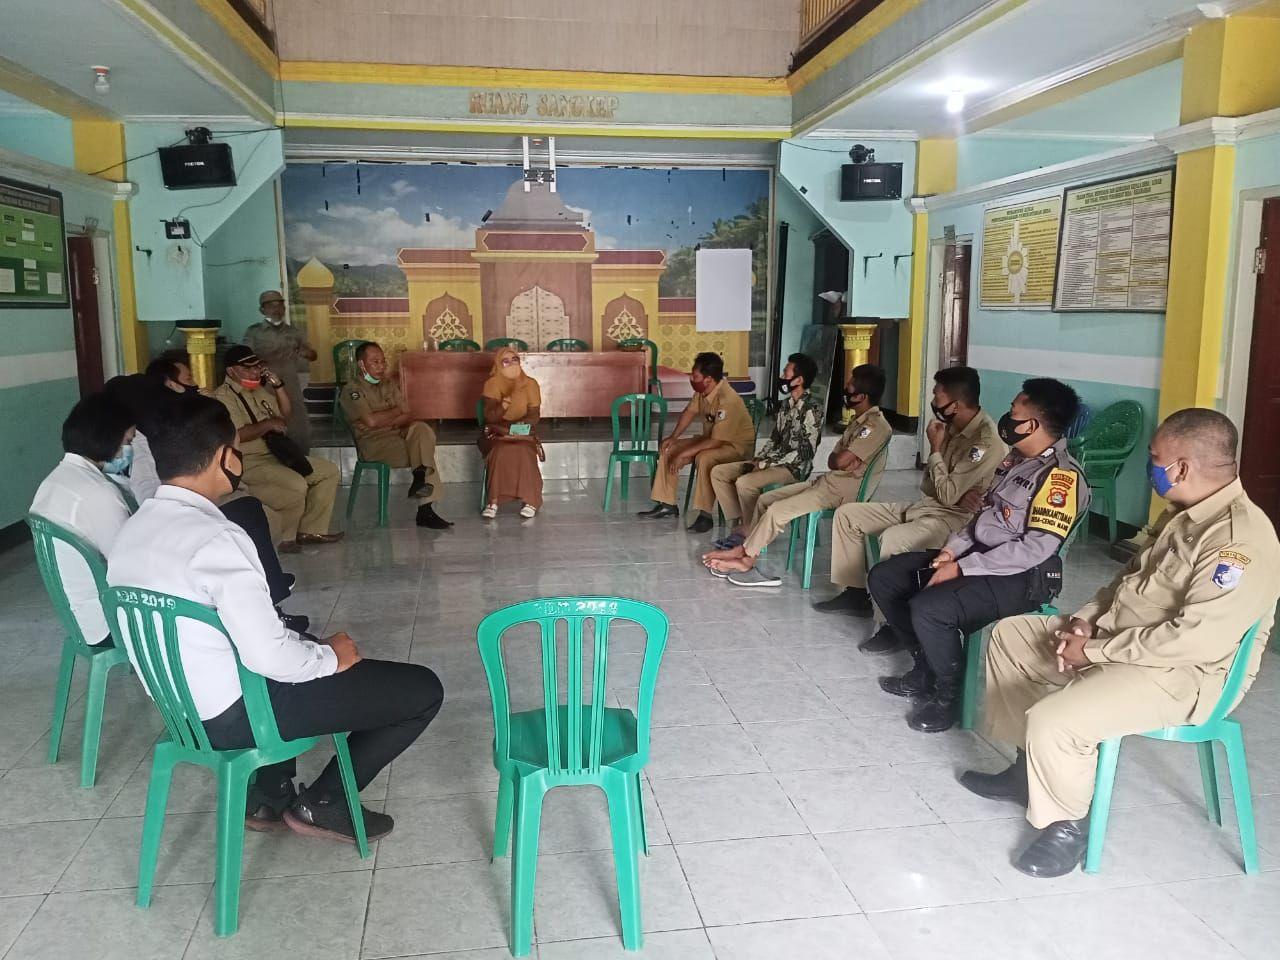 Pemkab Lombok Barat melakukan pertemuan soal siswa SMK menikahi dua wanita yang juga masih remaja.